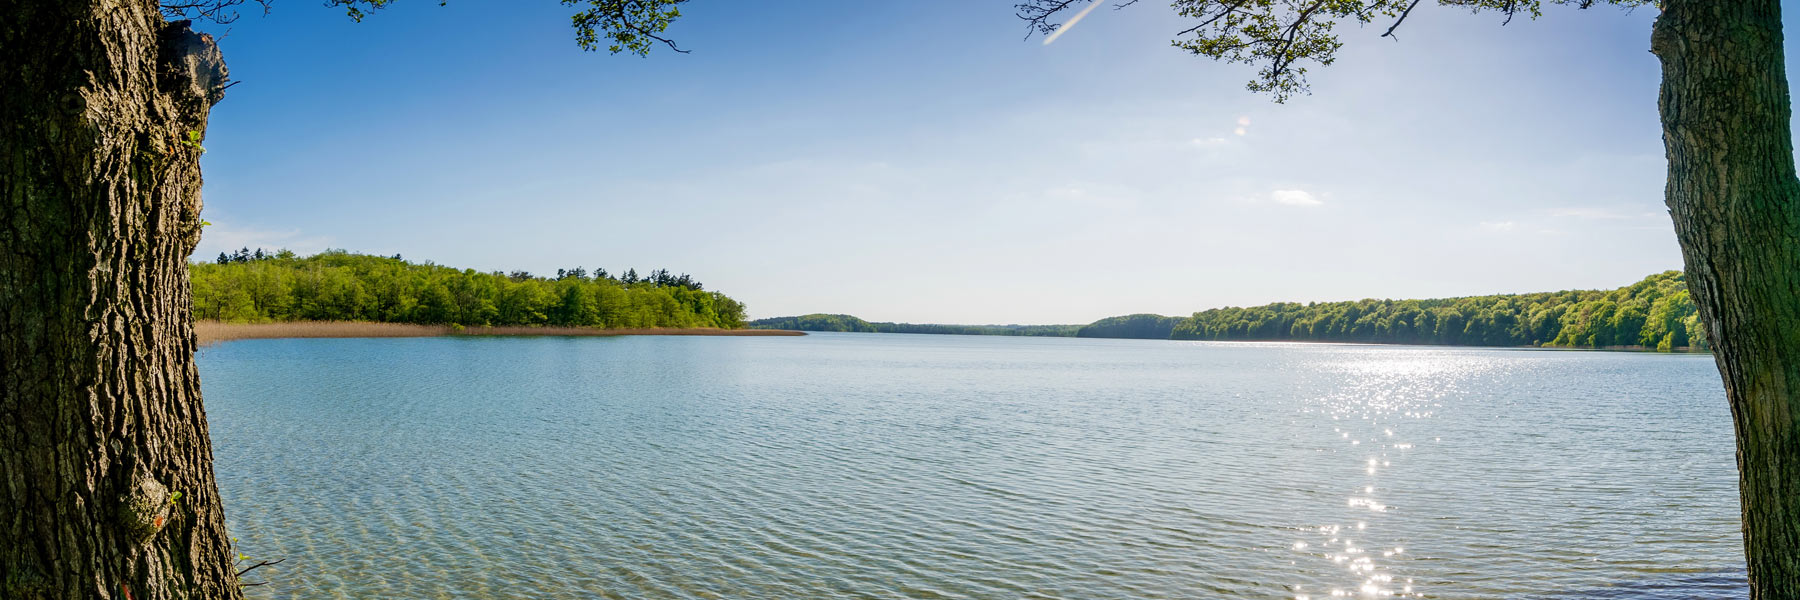 See - Feldberger Seenlandschaft